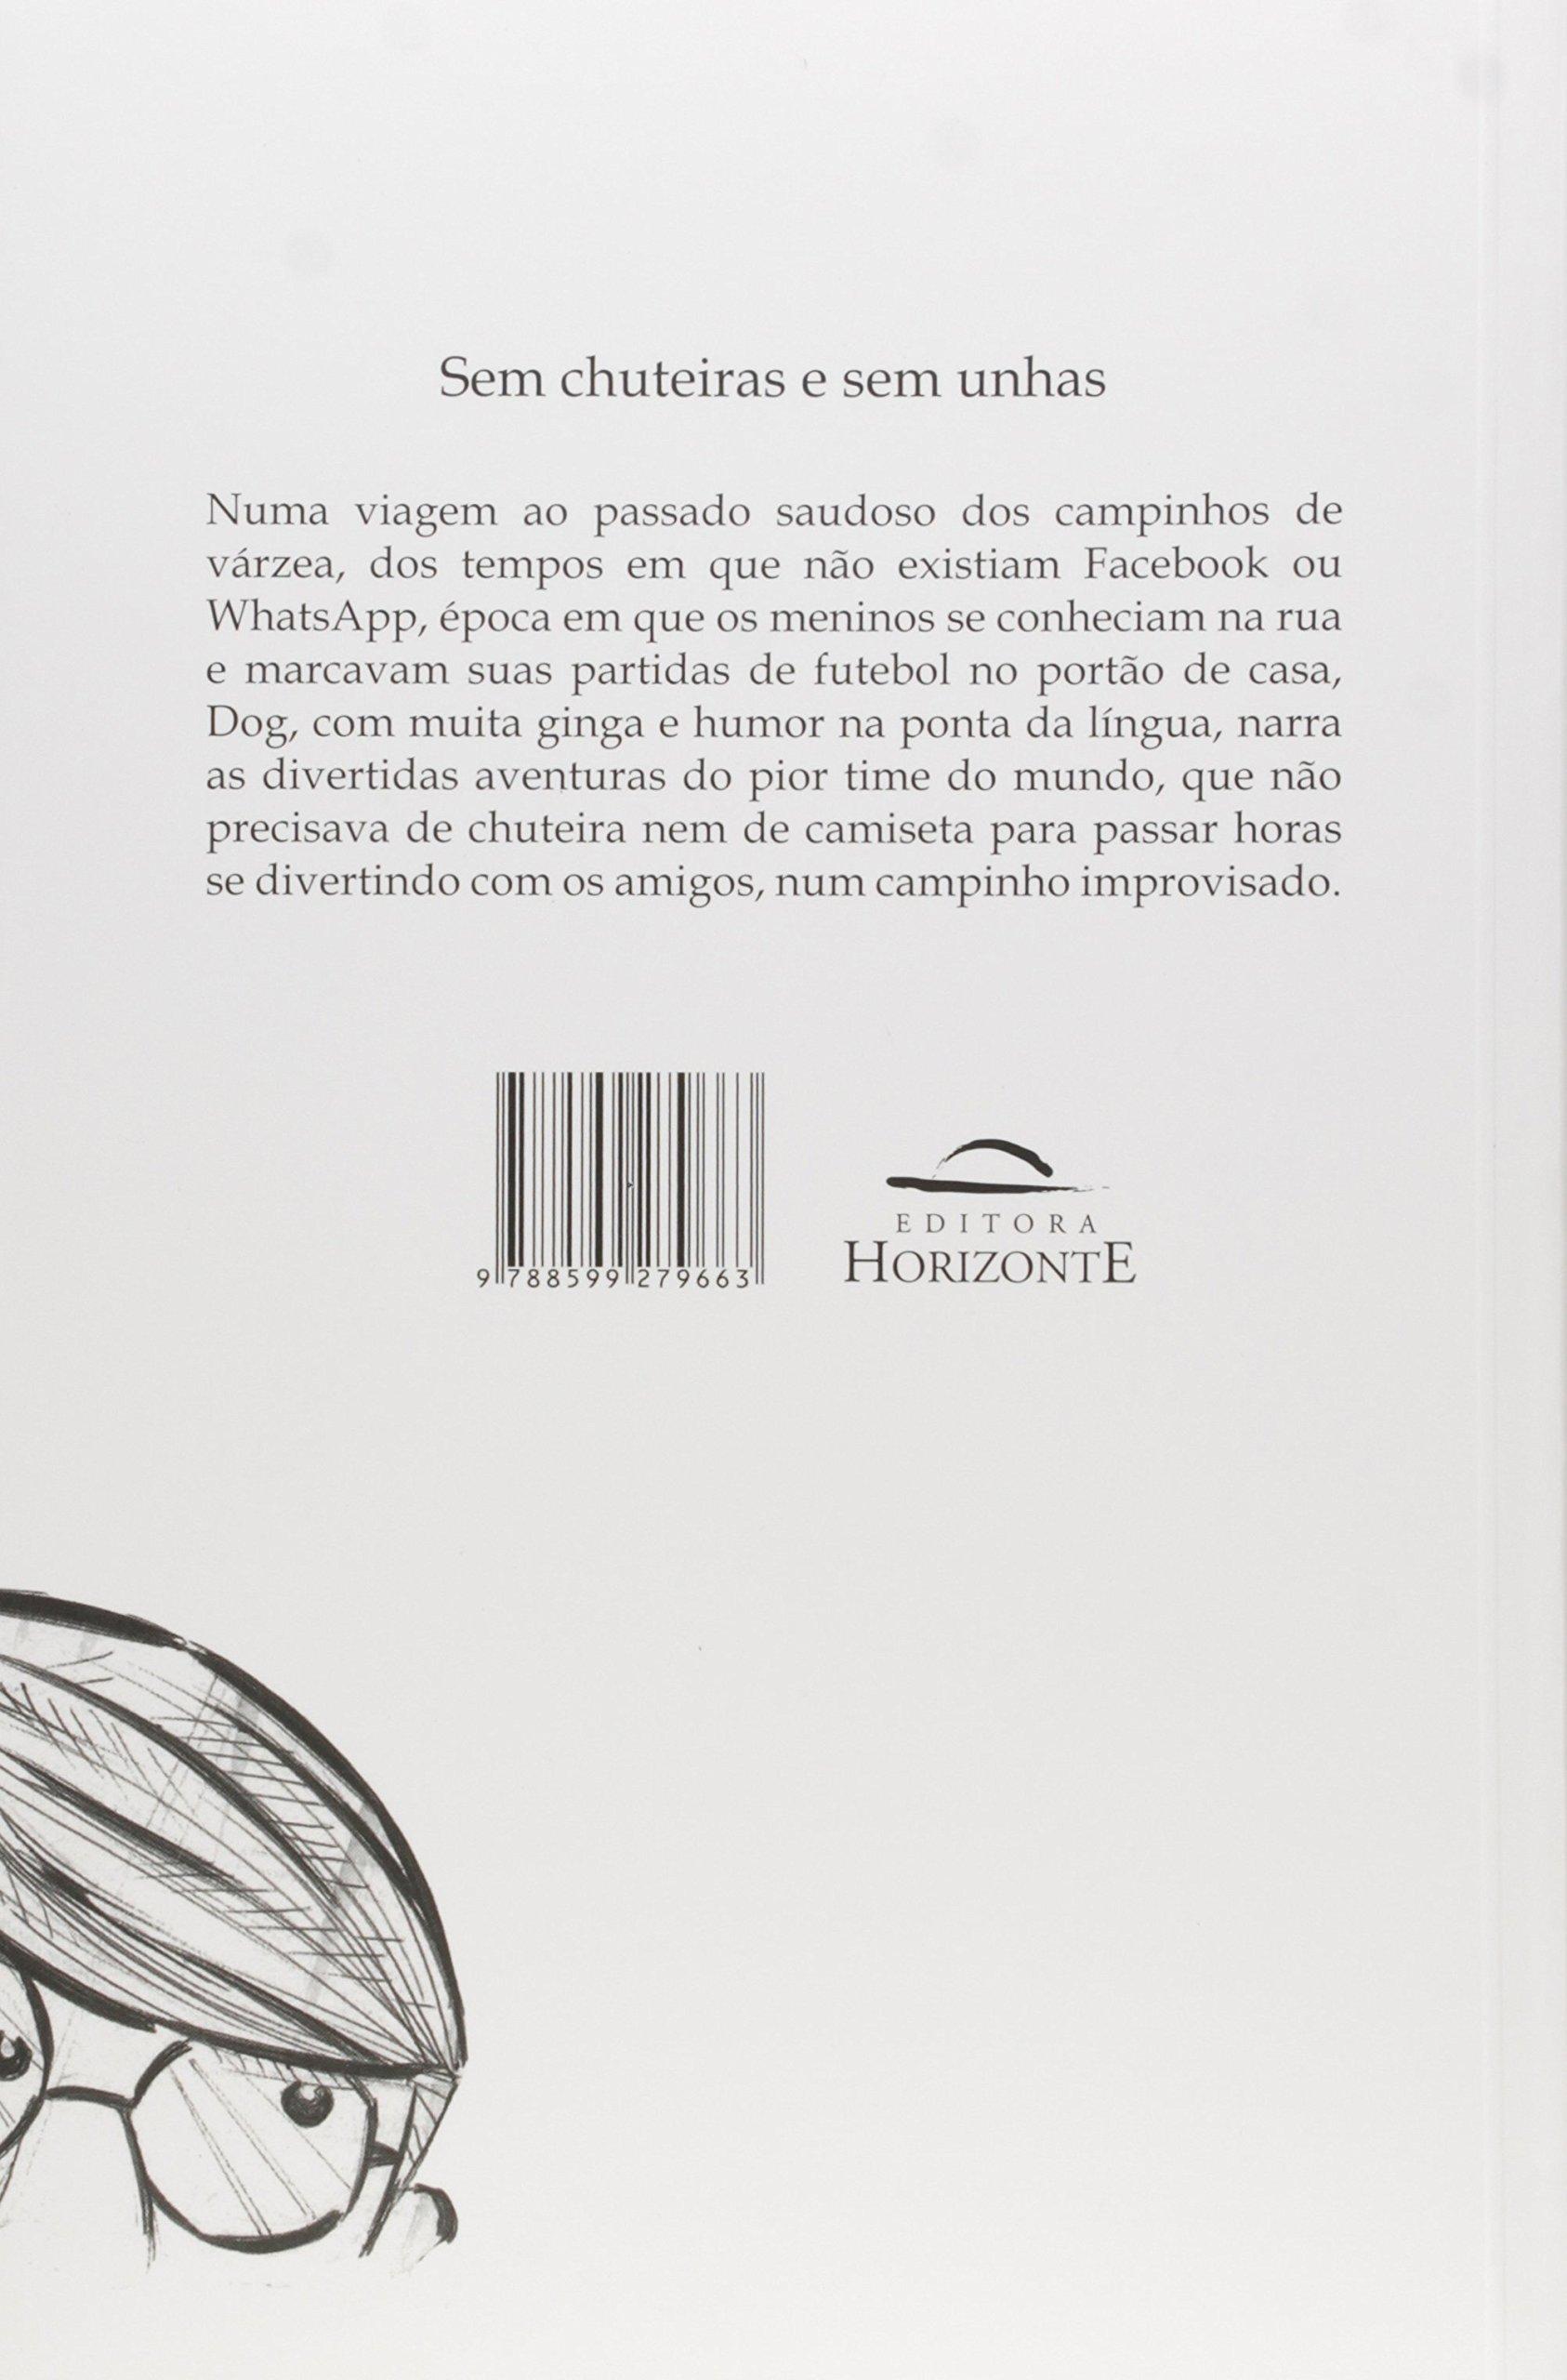 7df12a02fe Sem Chuteiras e sem Unhas  Joguei no Pior Time do Mundo - 9788599279663 -  Livros na Amazon Brasil